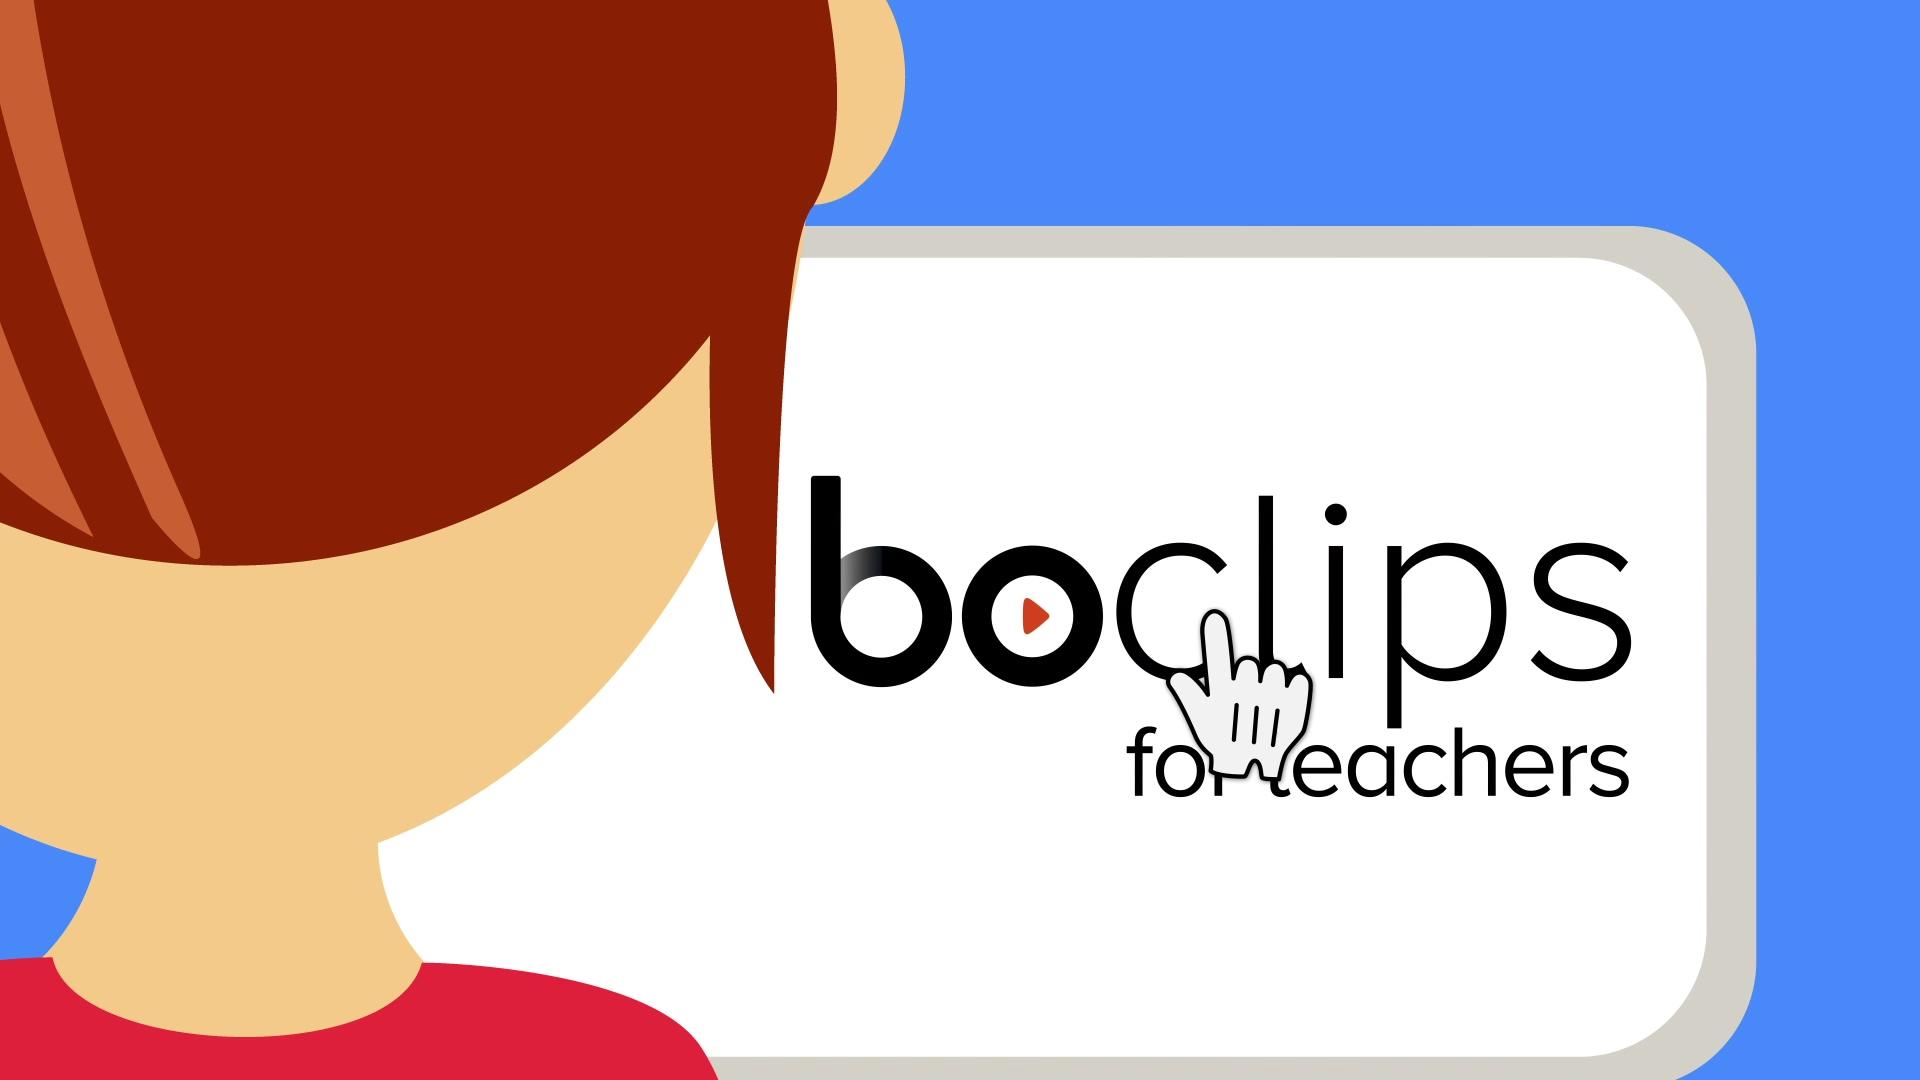 boc-b2t-explainer-100005-v8